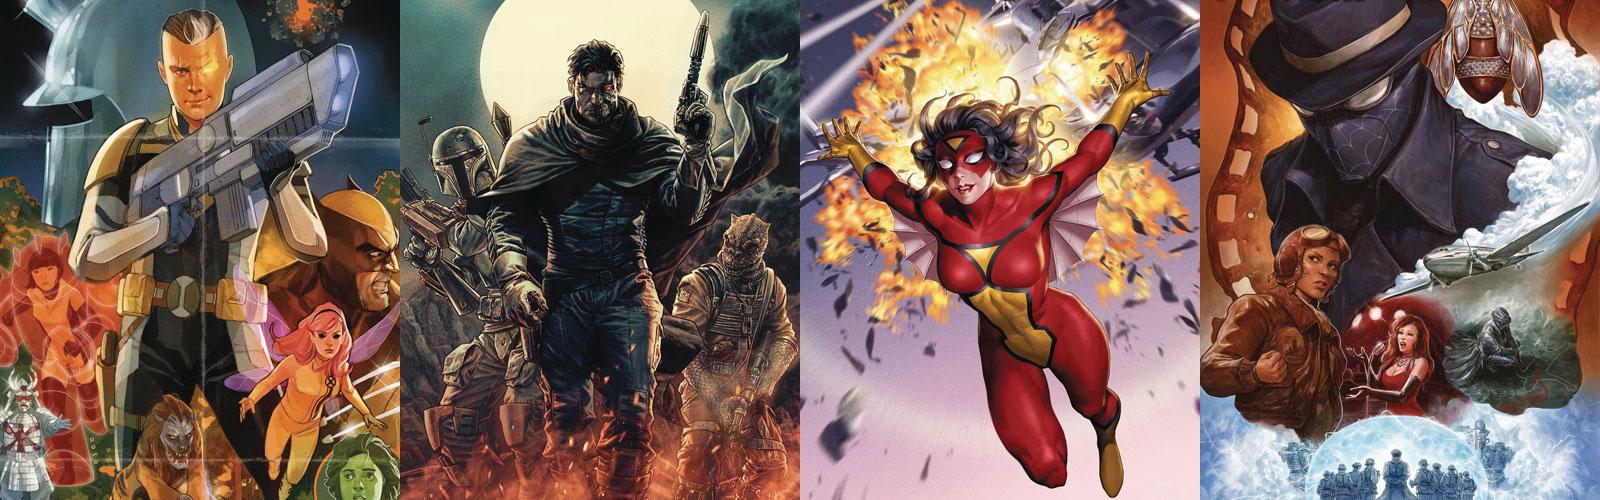 Solicitations: March 2020 – Marvel Comics